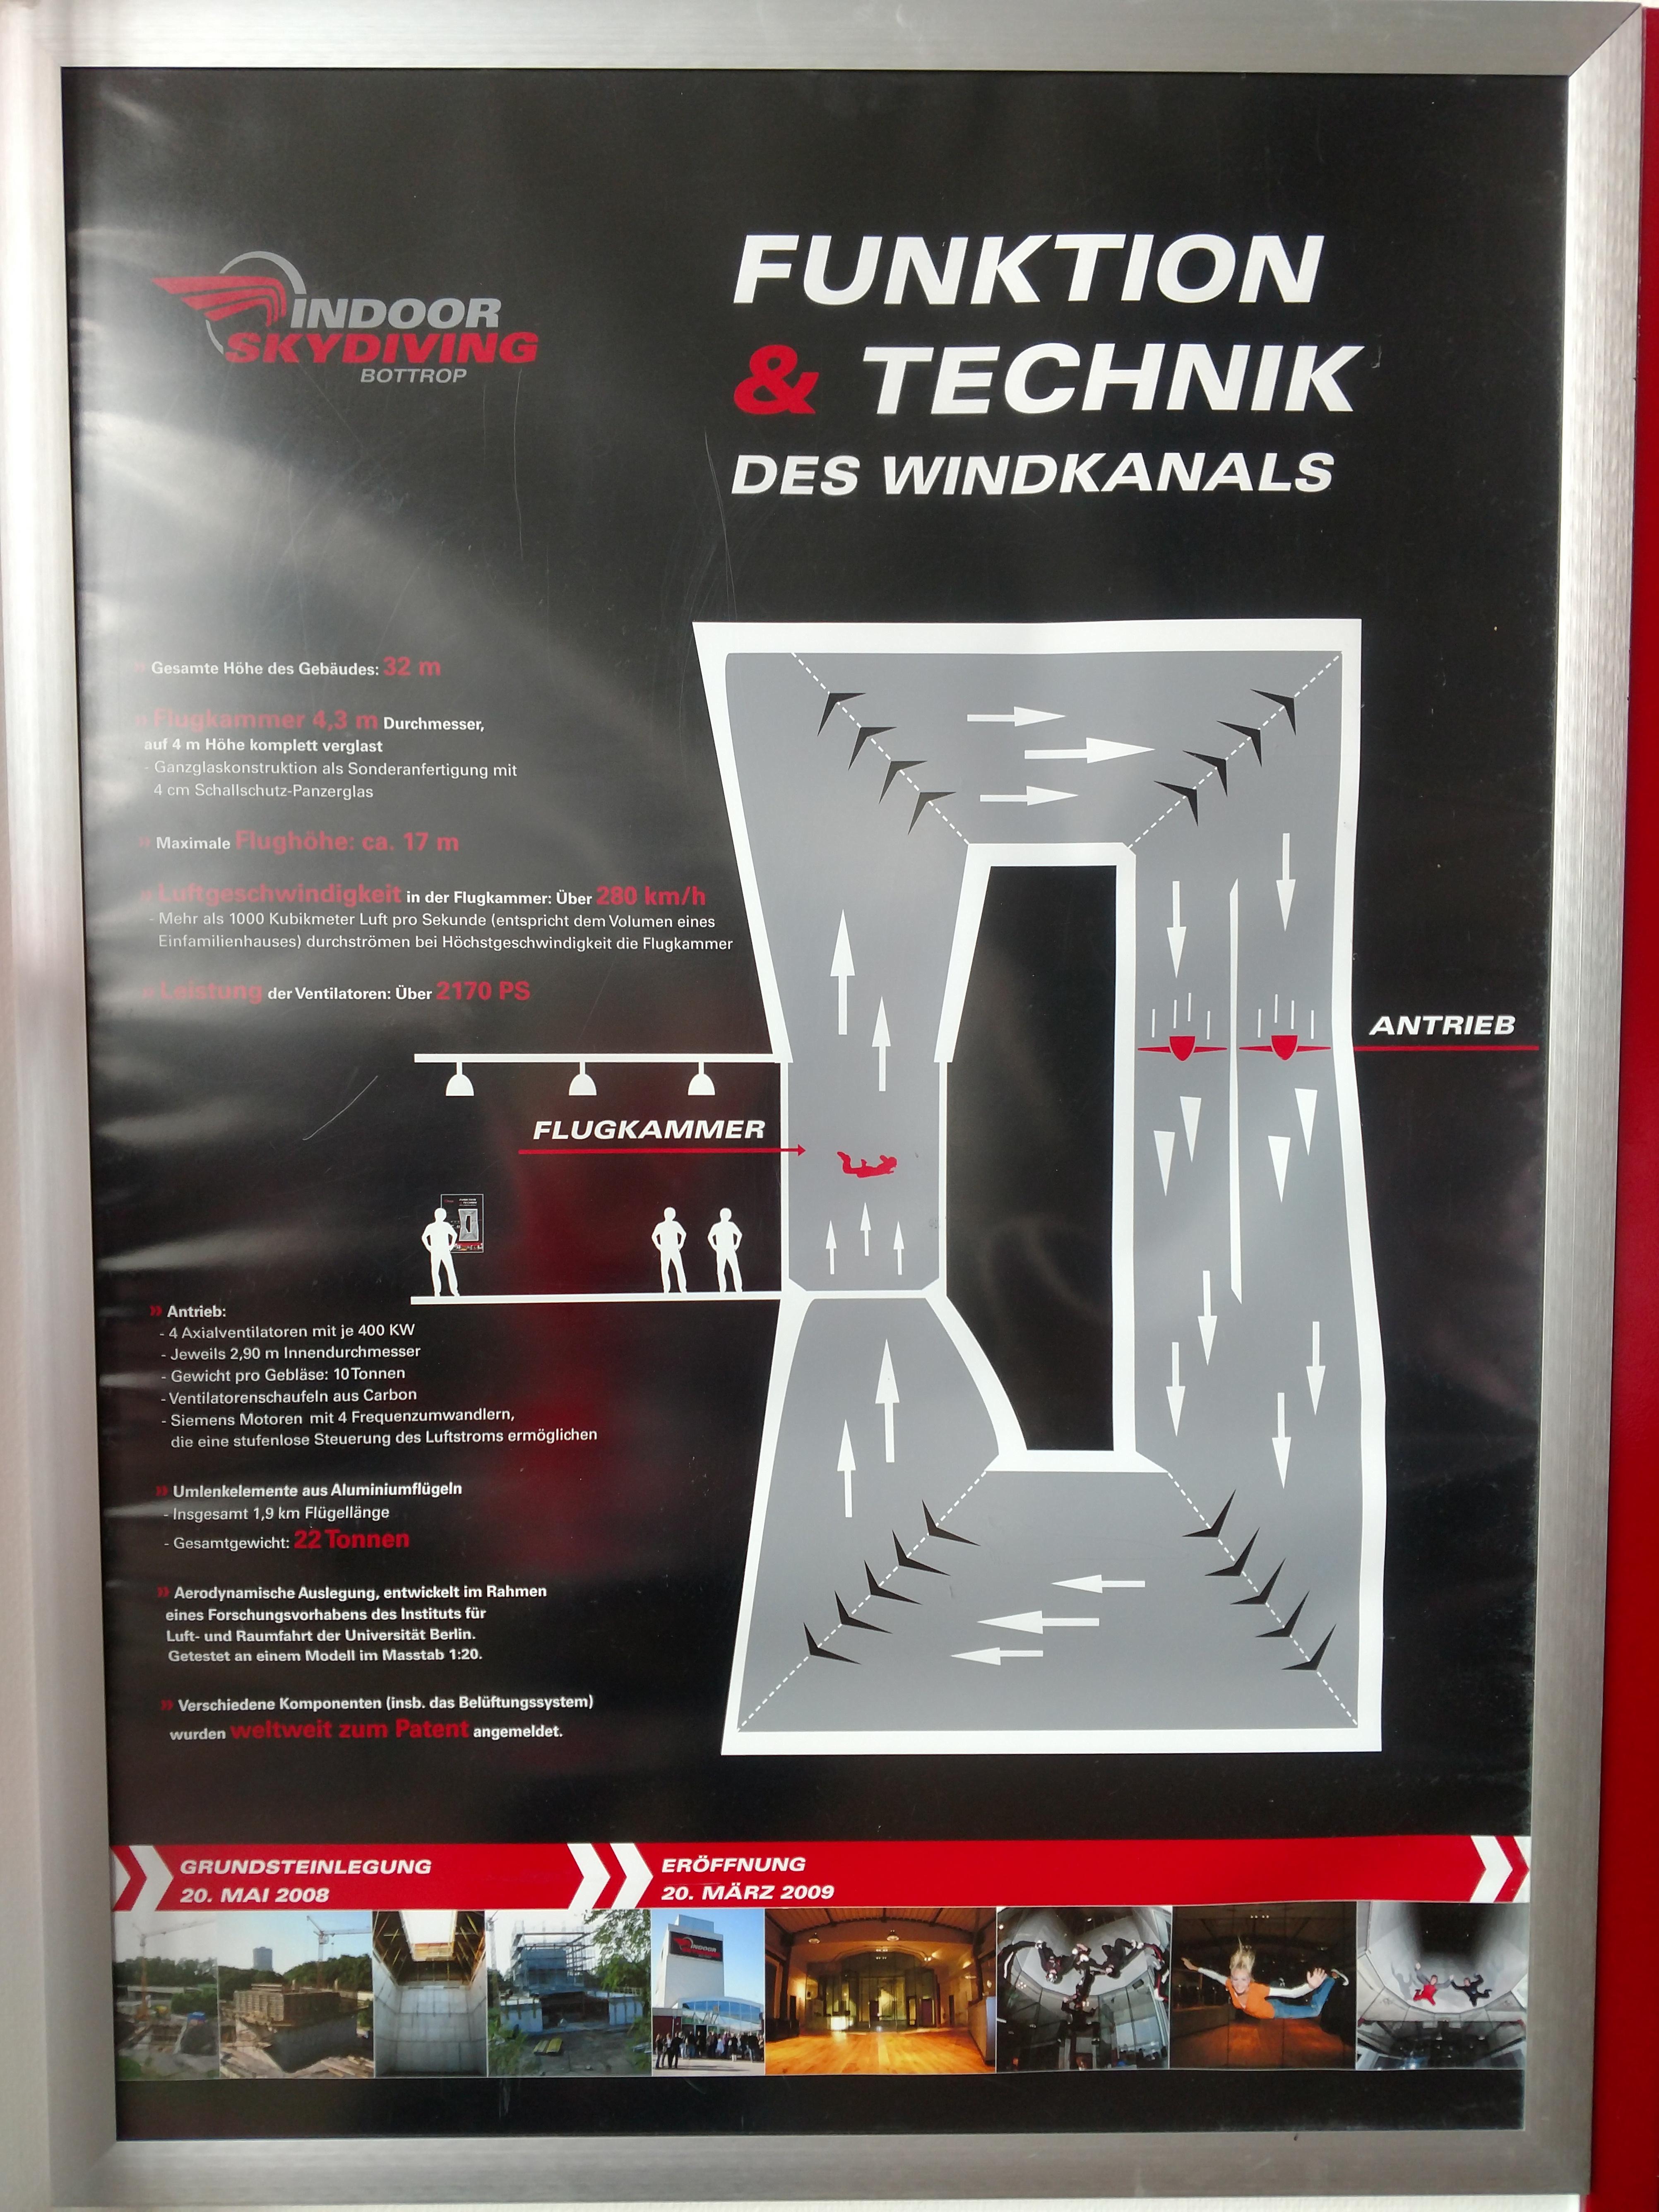 Ziemlich Technik 2 Rahmen Zeitgenössisch - Bilderrahmen Ideen ...